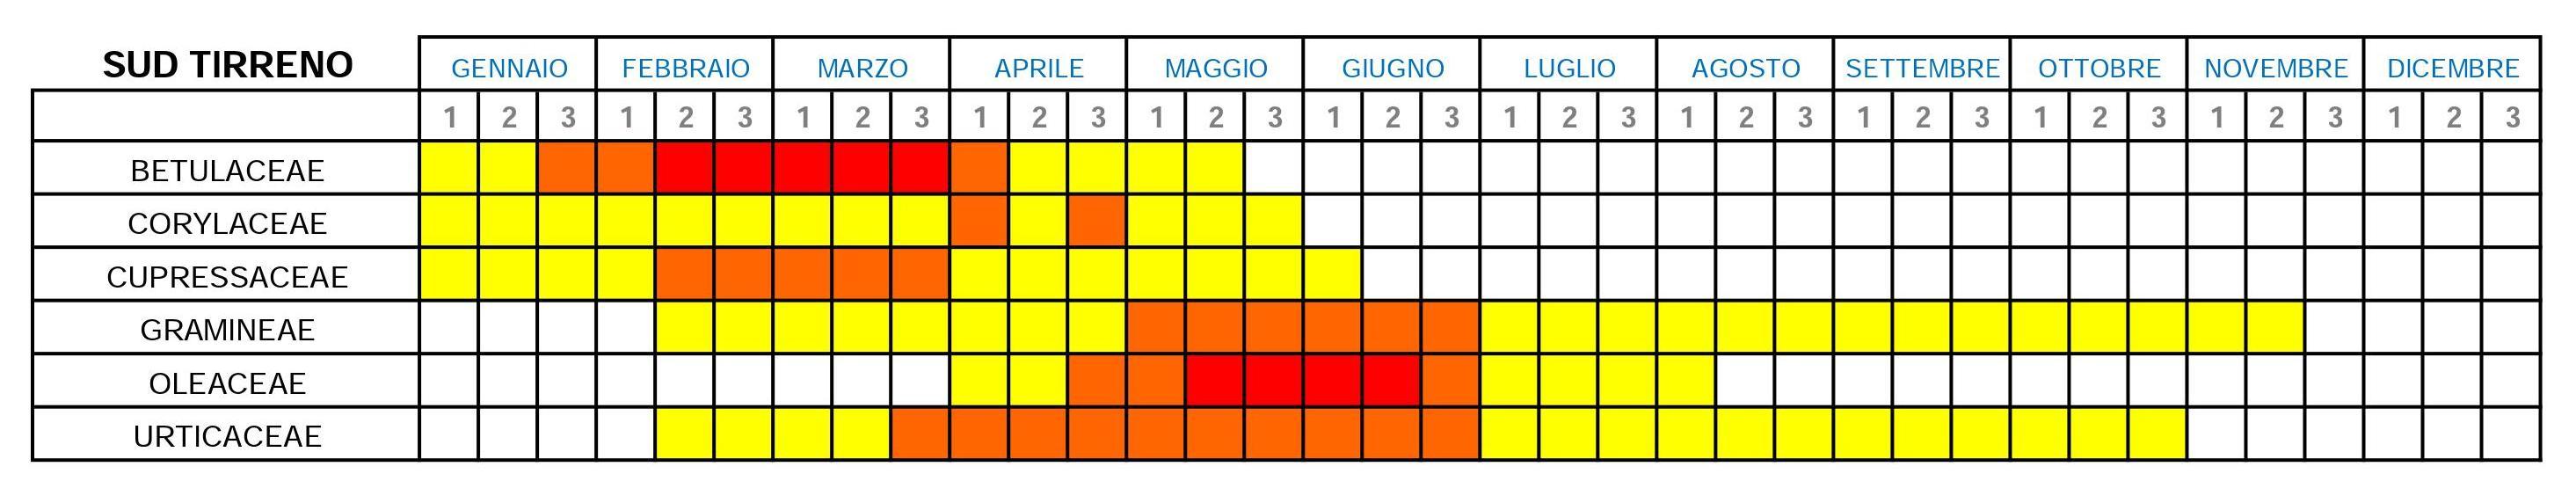 Calendario Pollini Allergie.Allergie In Aumento Cause Nascoste E Rimedi Possibili